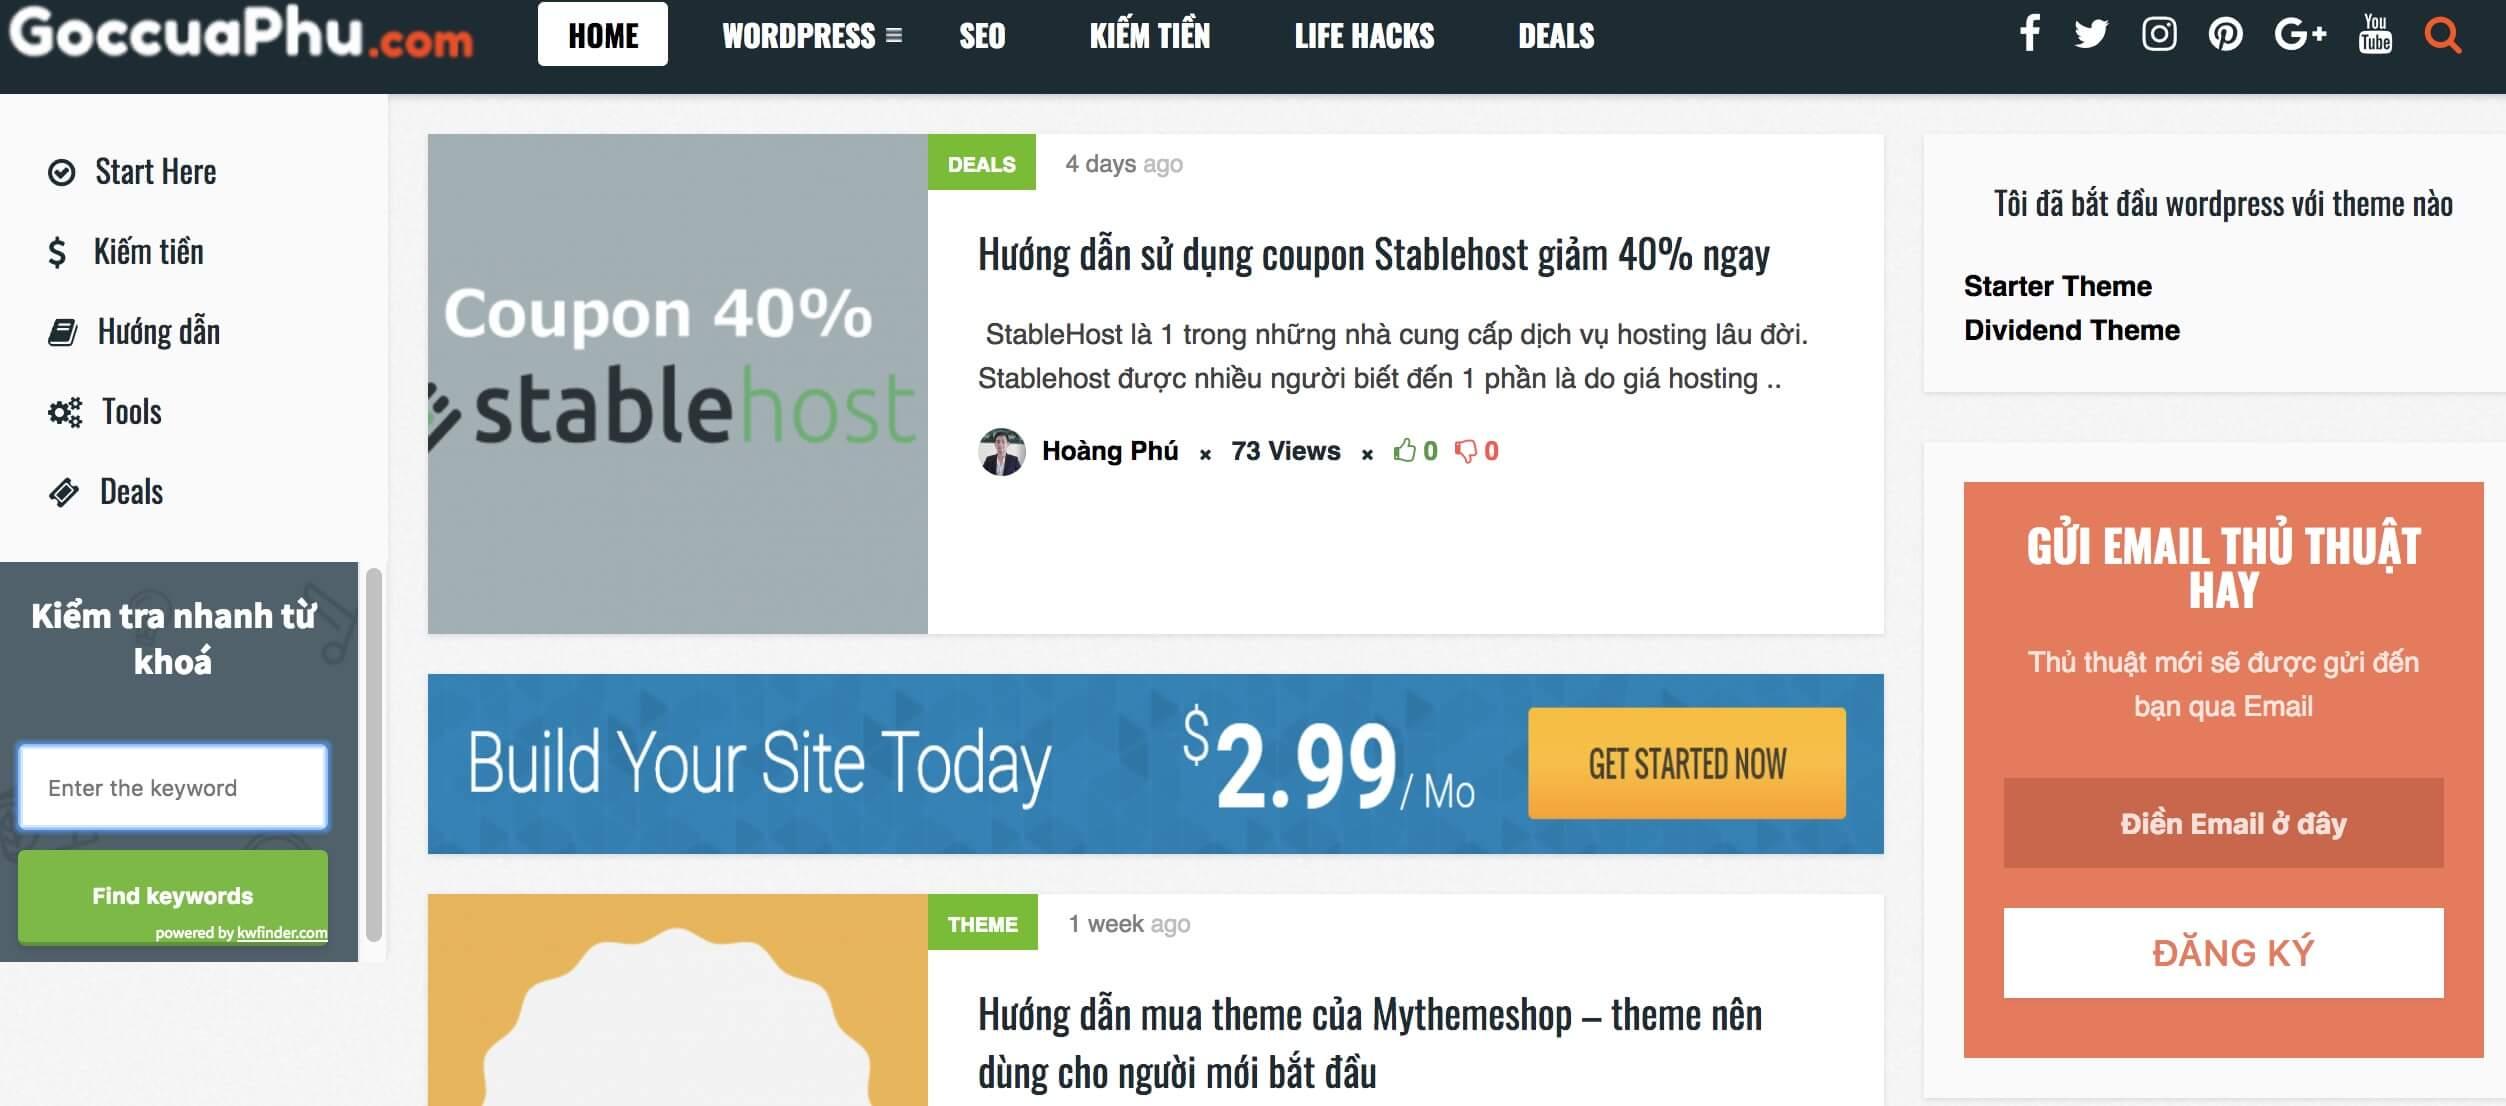 Test trang chủ góc của phú blog